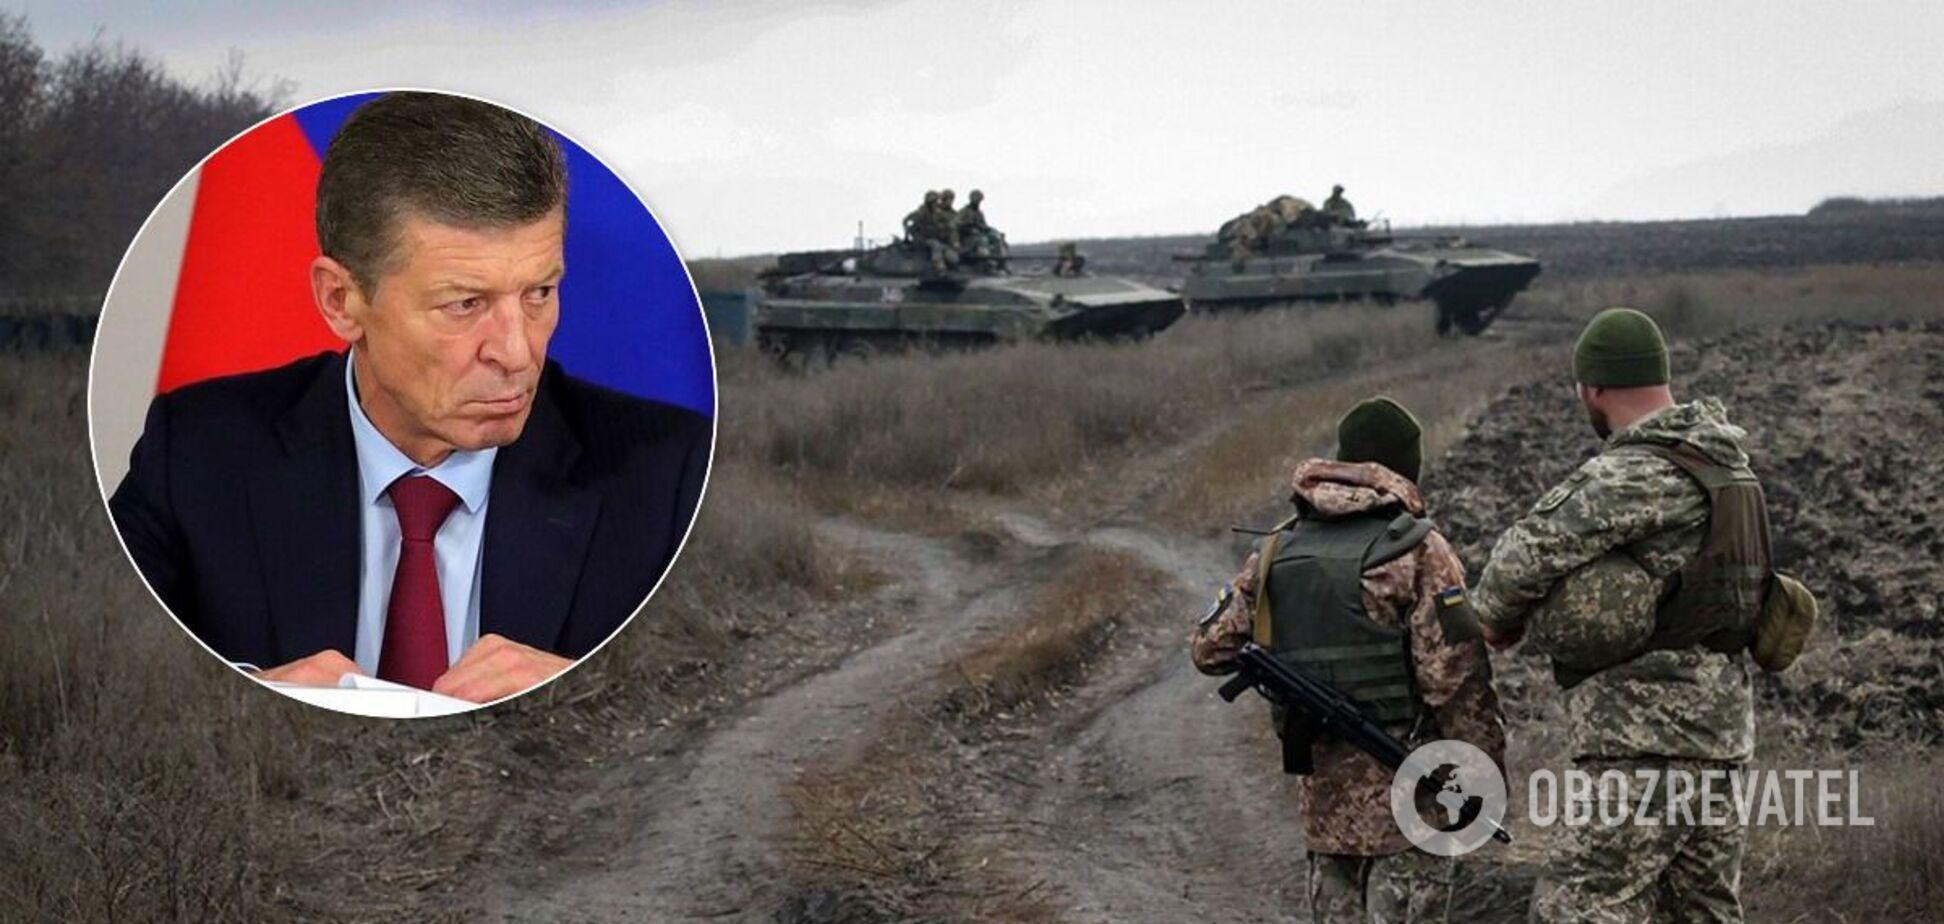 Куратор по Донбасса Дмитрий Козак занервничал из-за переговоров по урегулированию конфликта